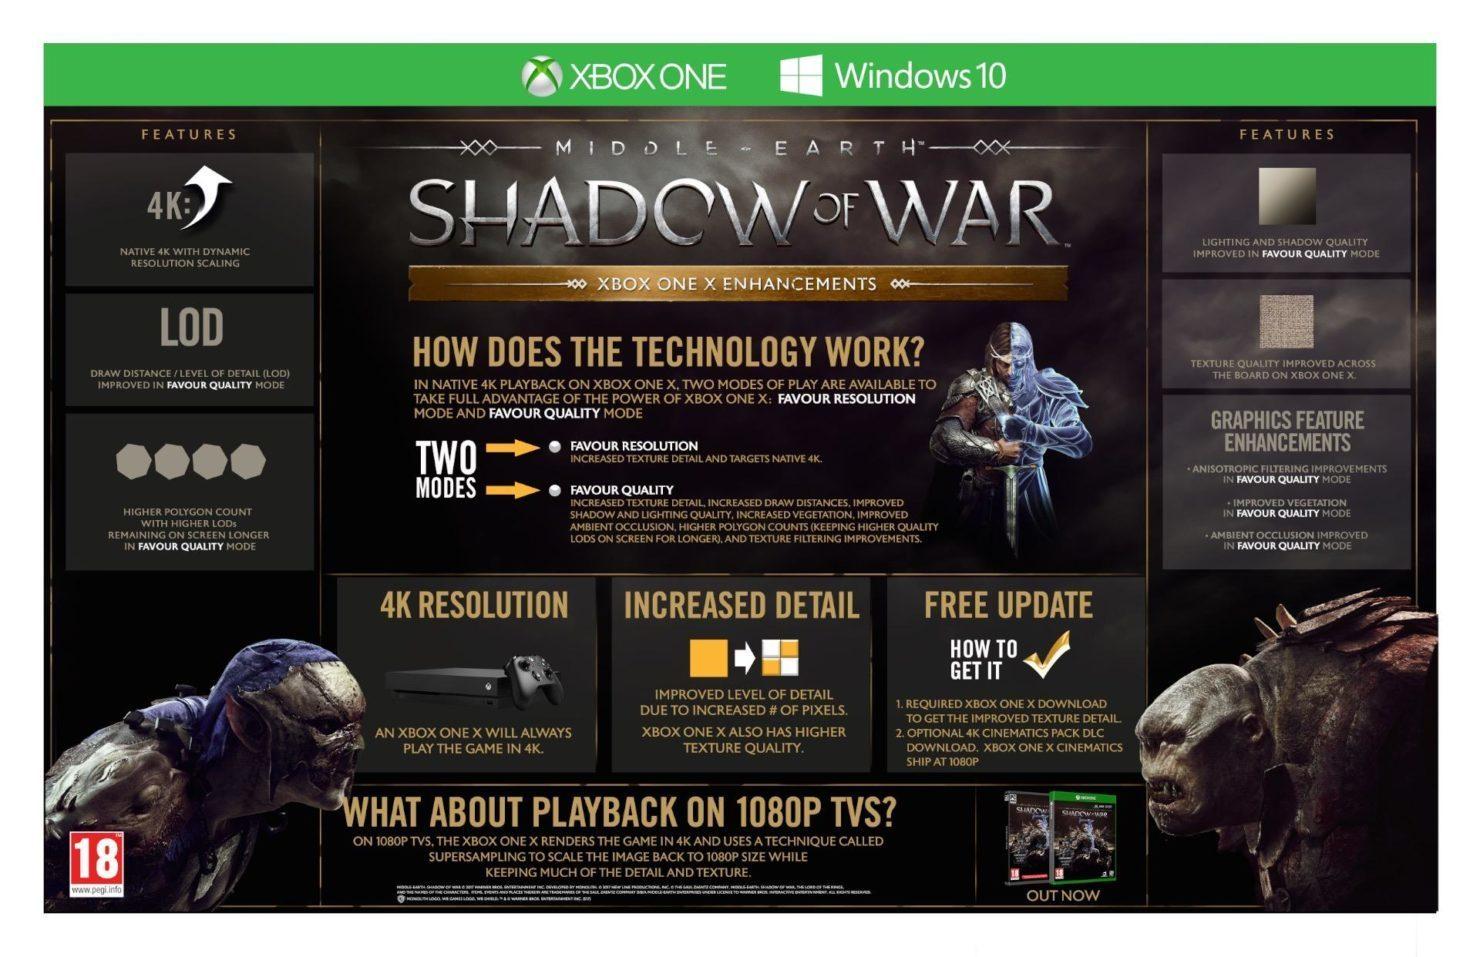 L'Ombra della Guerra: dettagli sul supporto a Xbox One X, due modalità grafiche